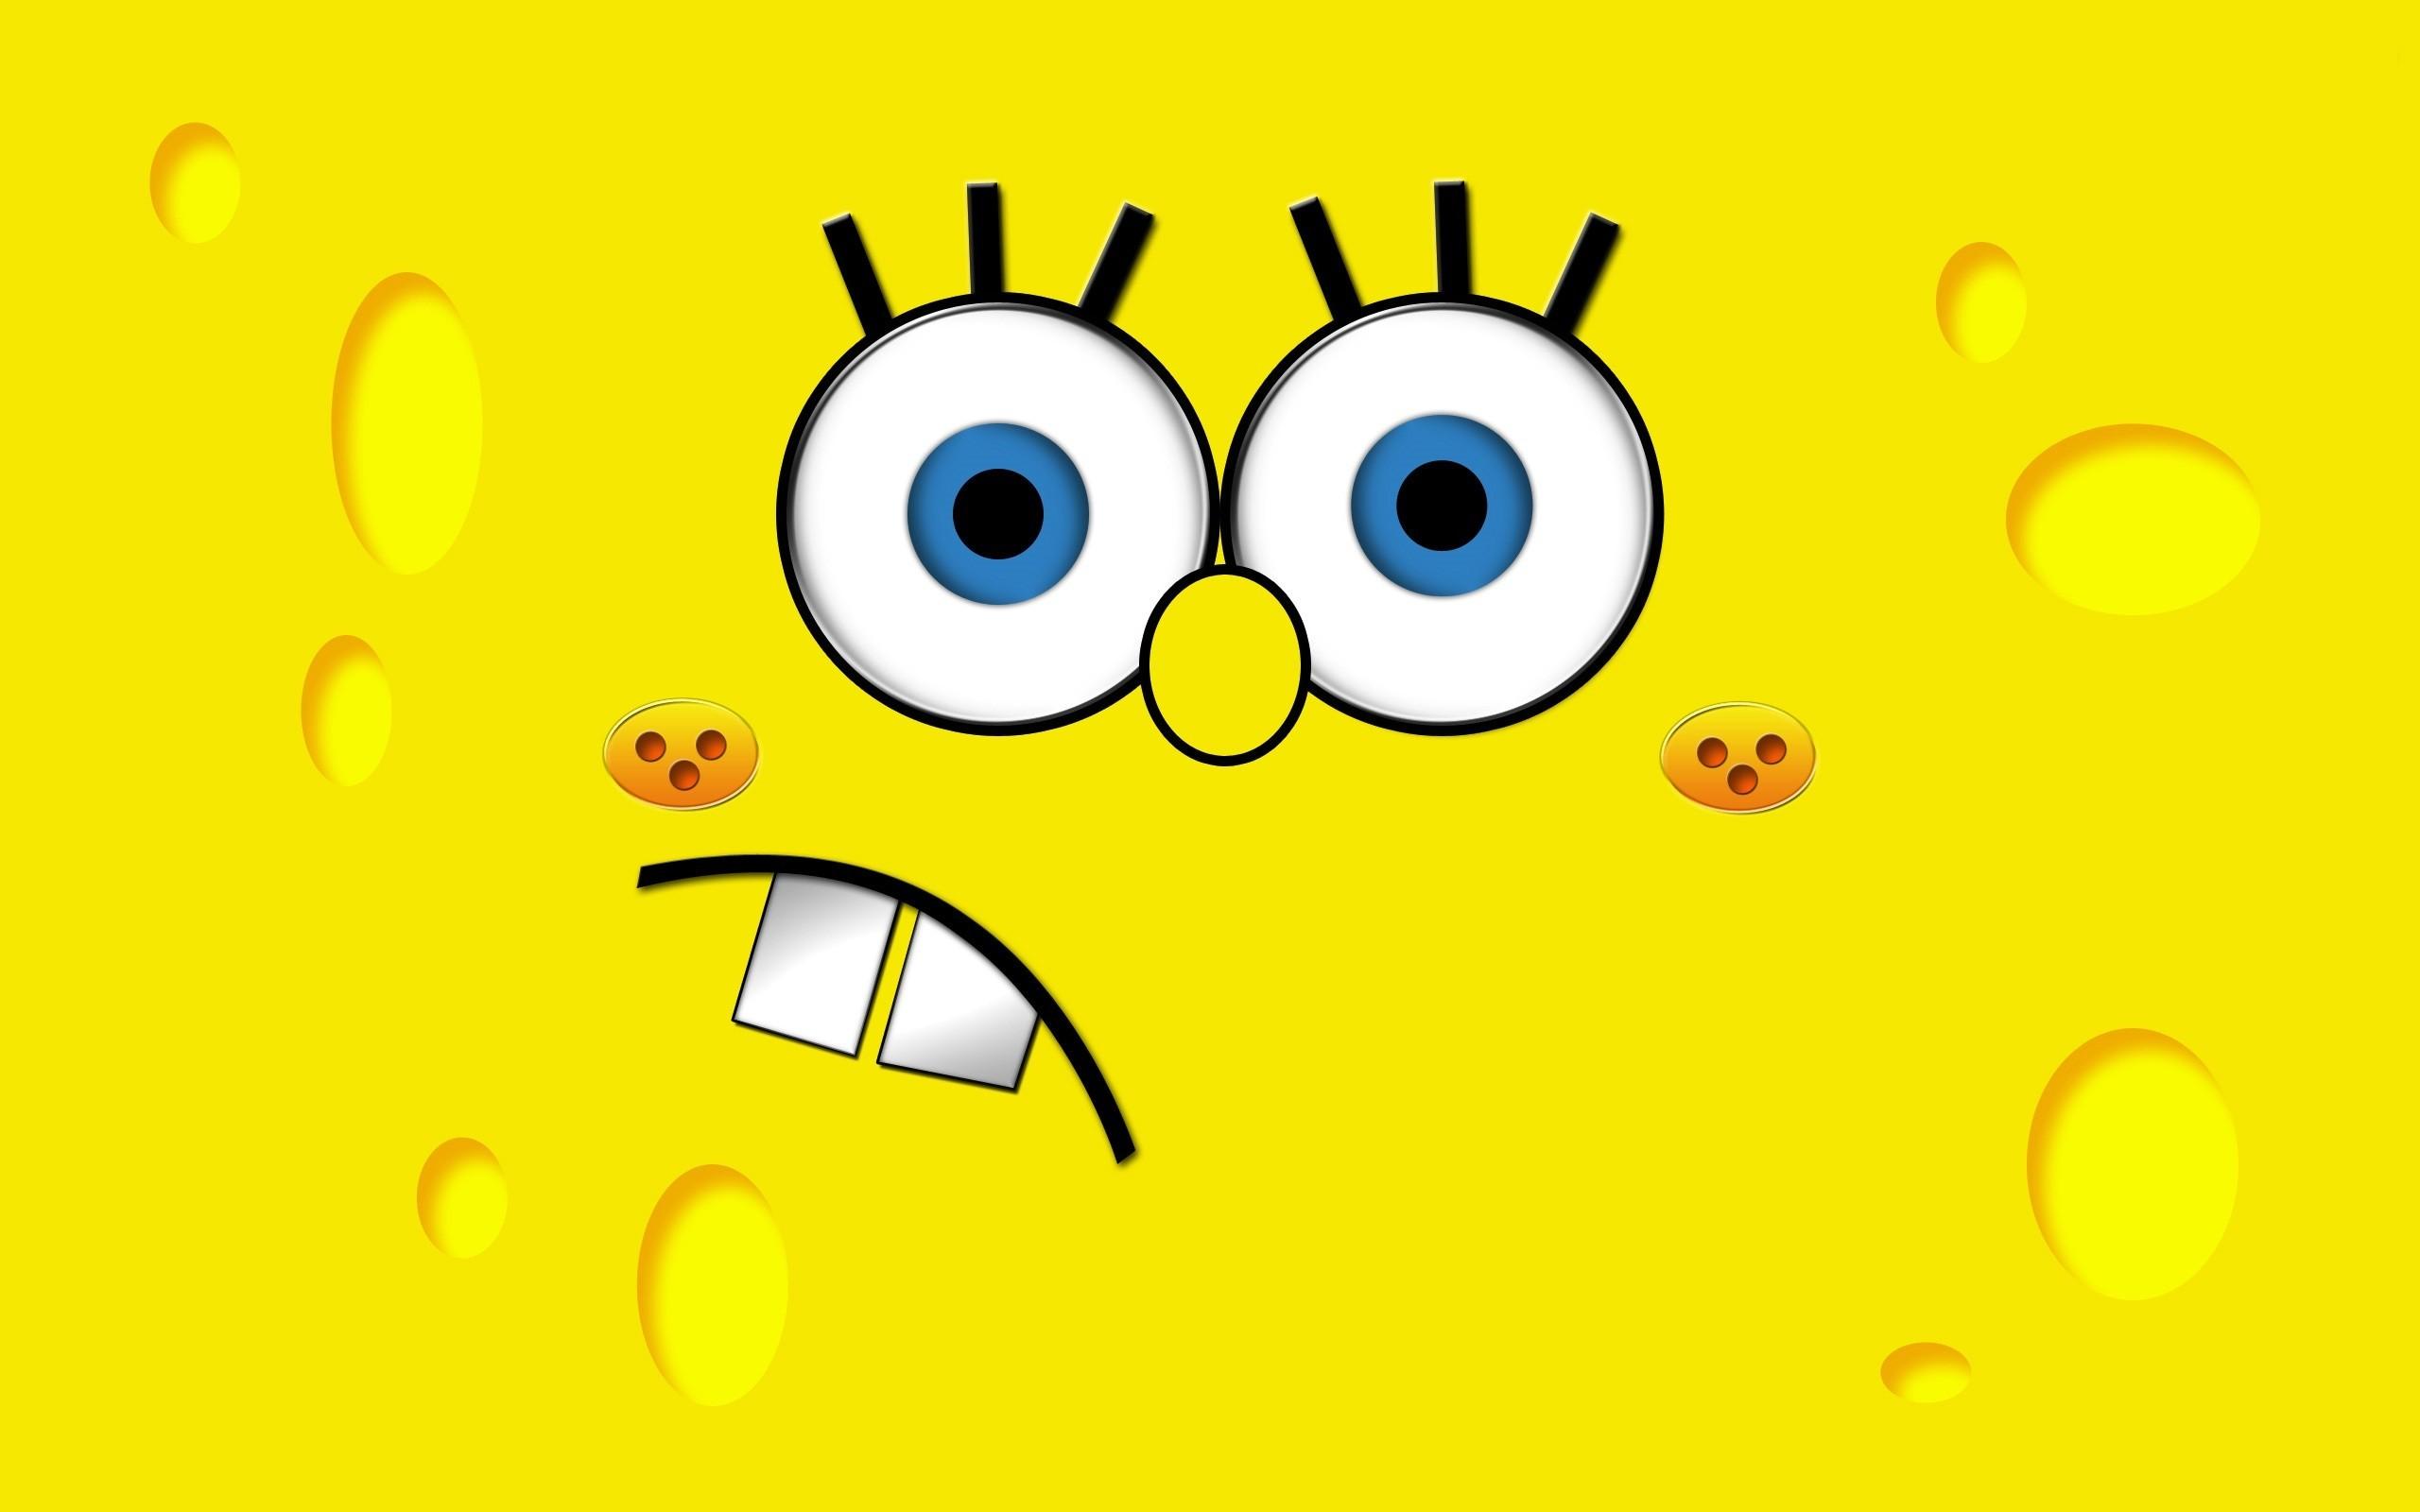 Res: 2560x1600, 1920x1080 Funny spongebob wallpaper backgrounds 1 | Wallpaper